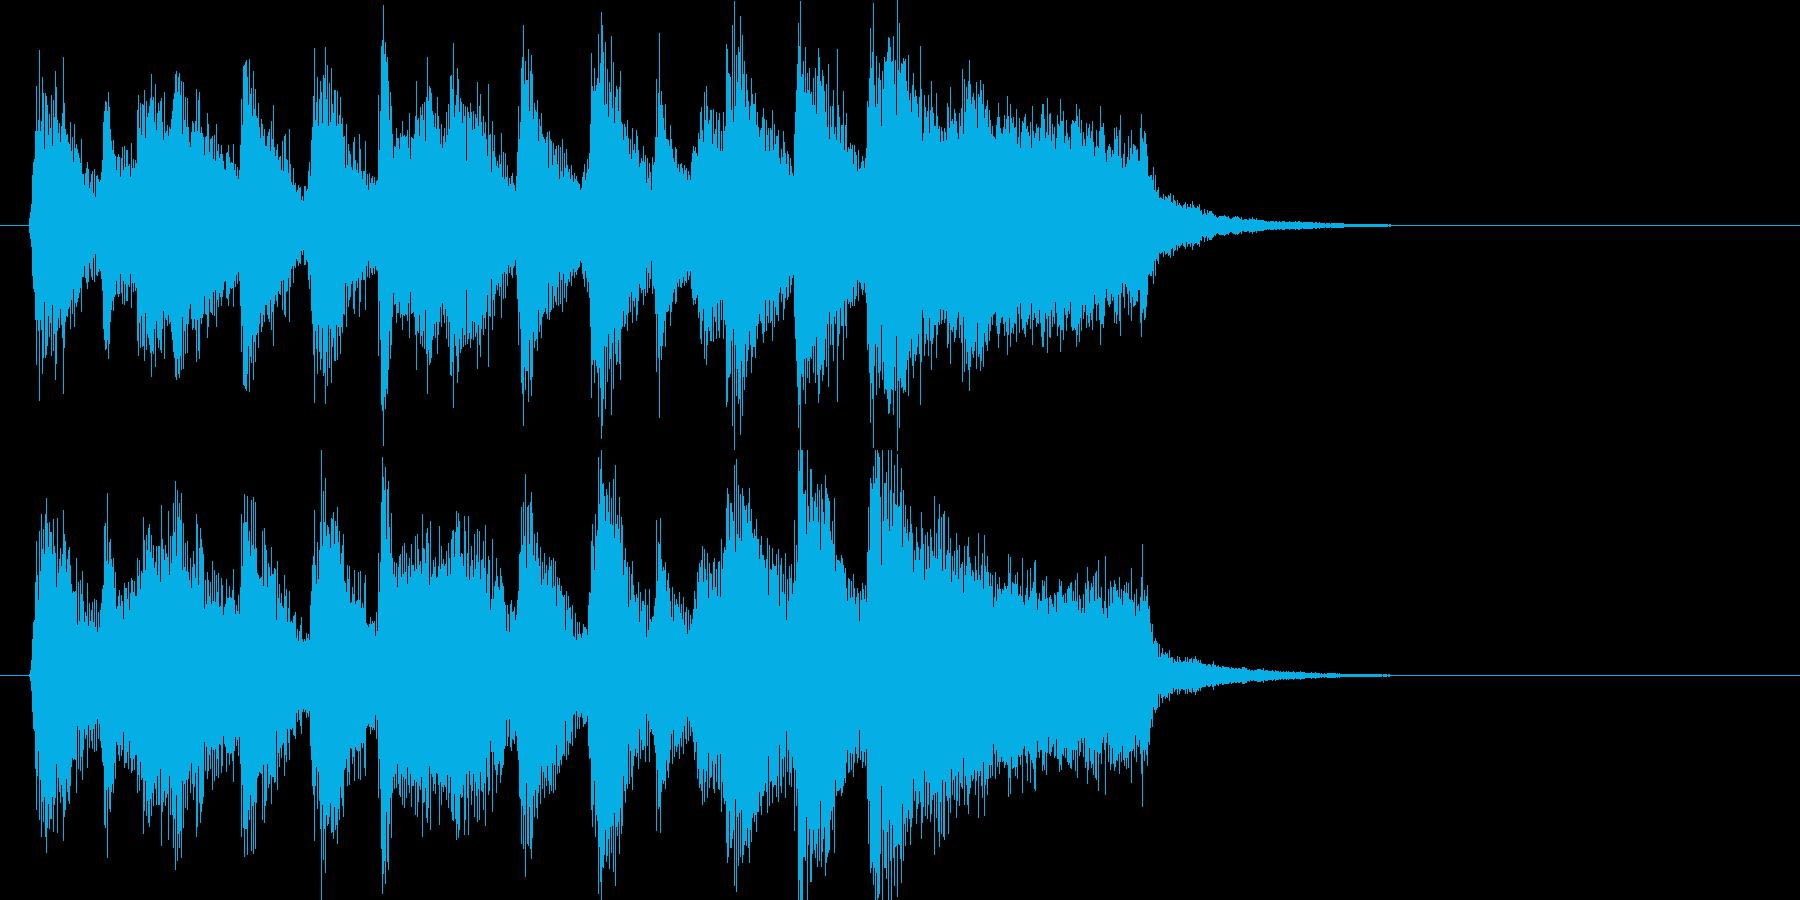 行進曲風のわくわくしてにぎやかなジングルの再生済みの波形